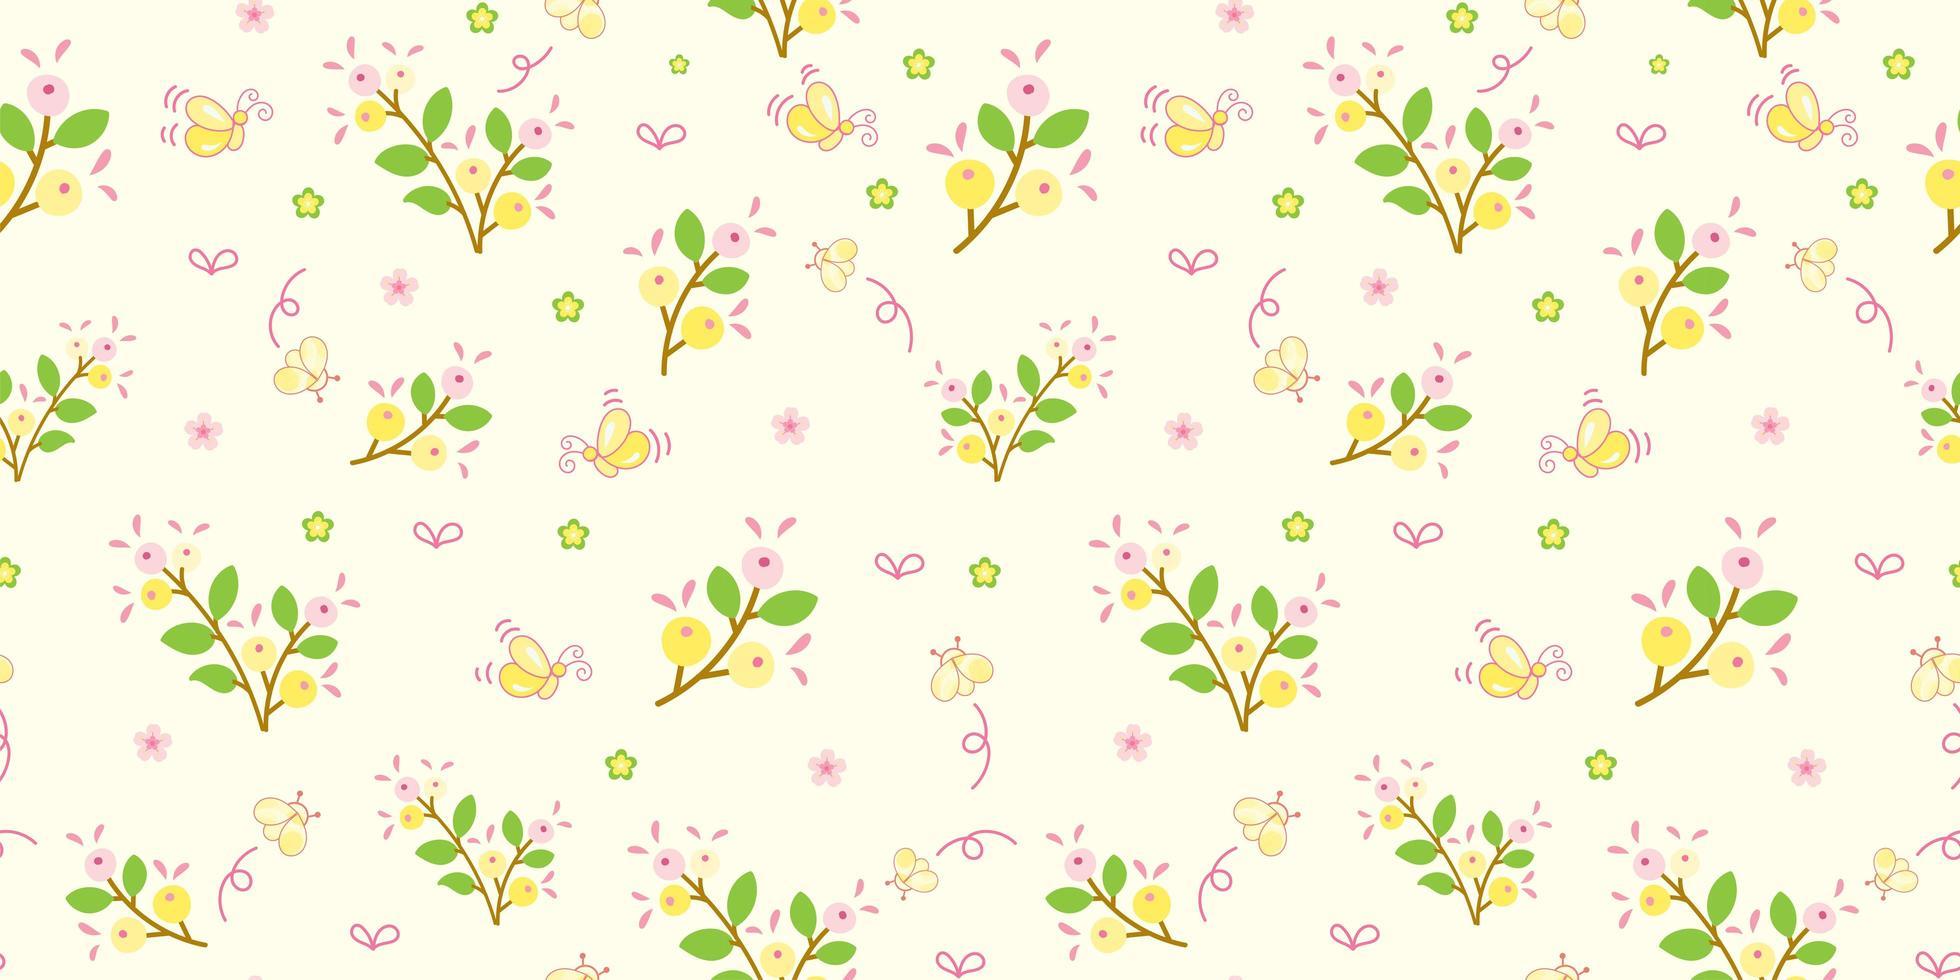 geel bloemen en groen bladerenpatroon vector